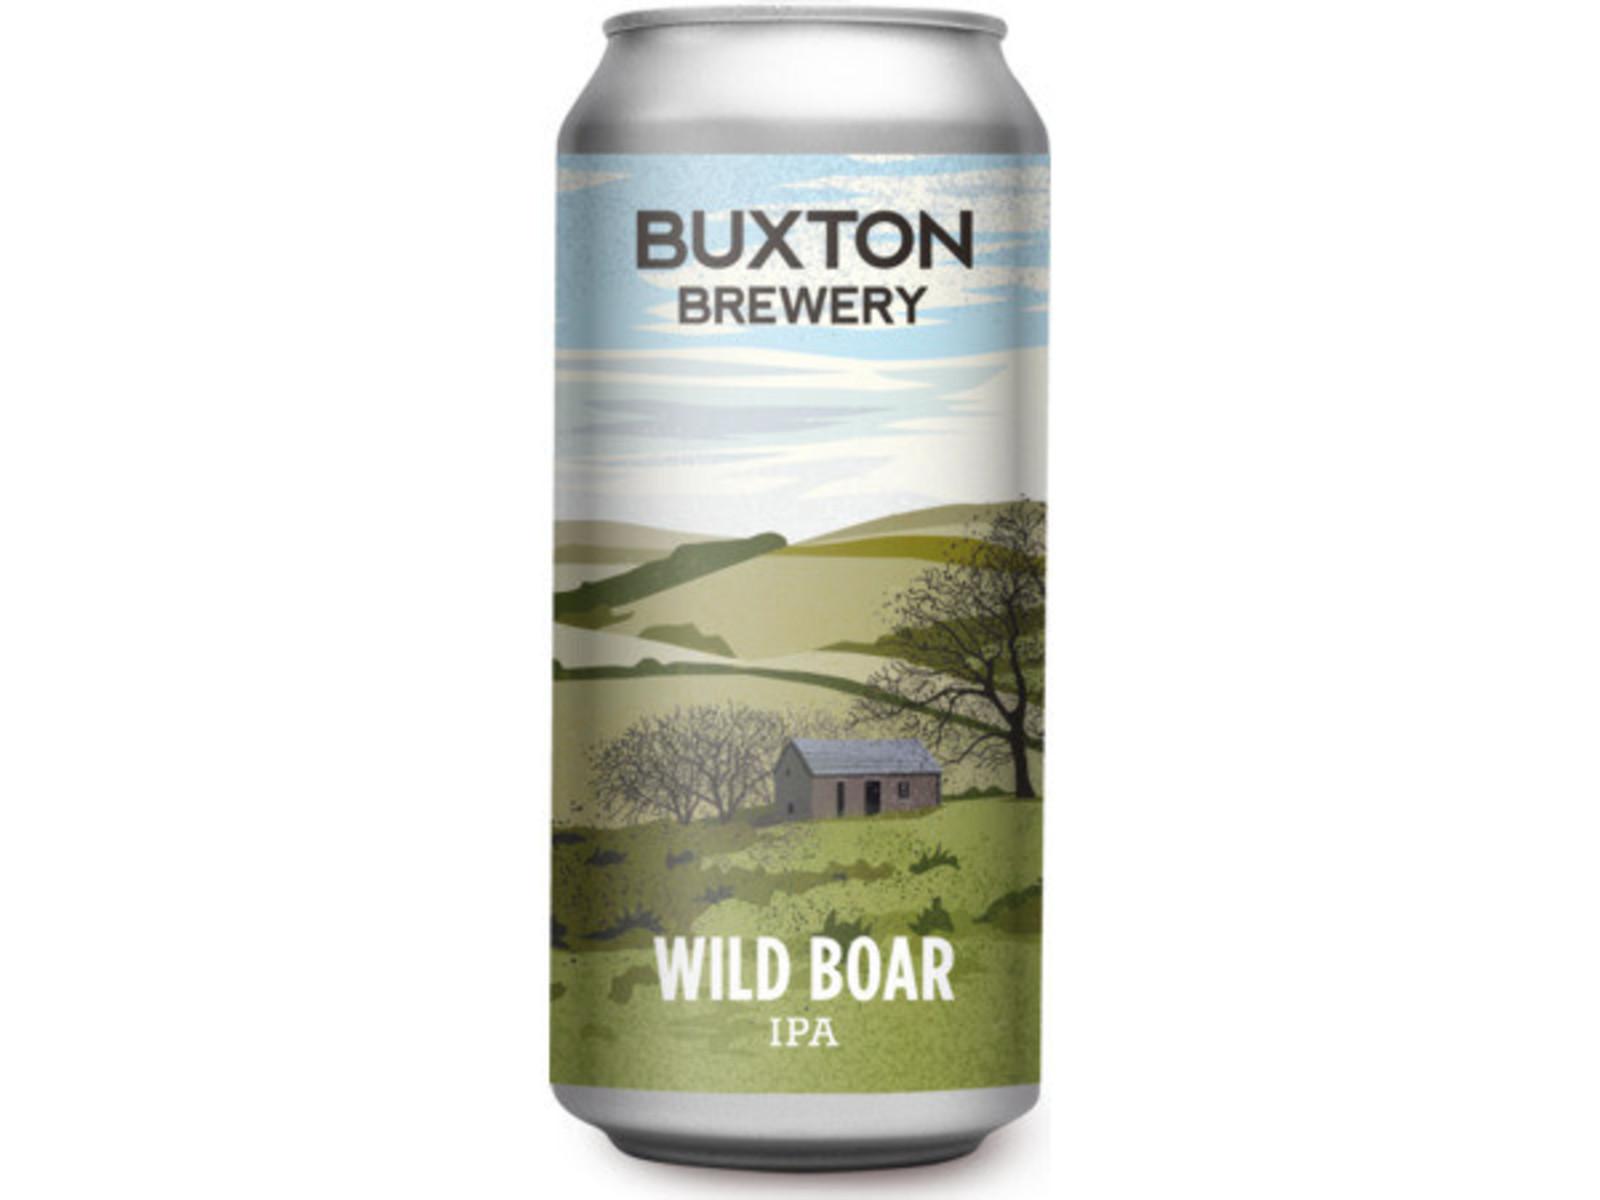 Buxton Brewery / Wild Boar IPA